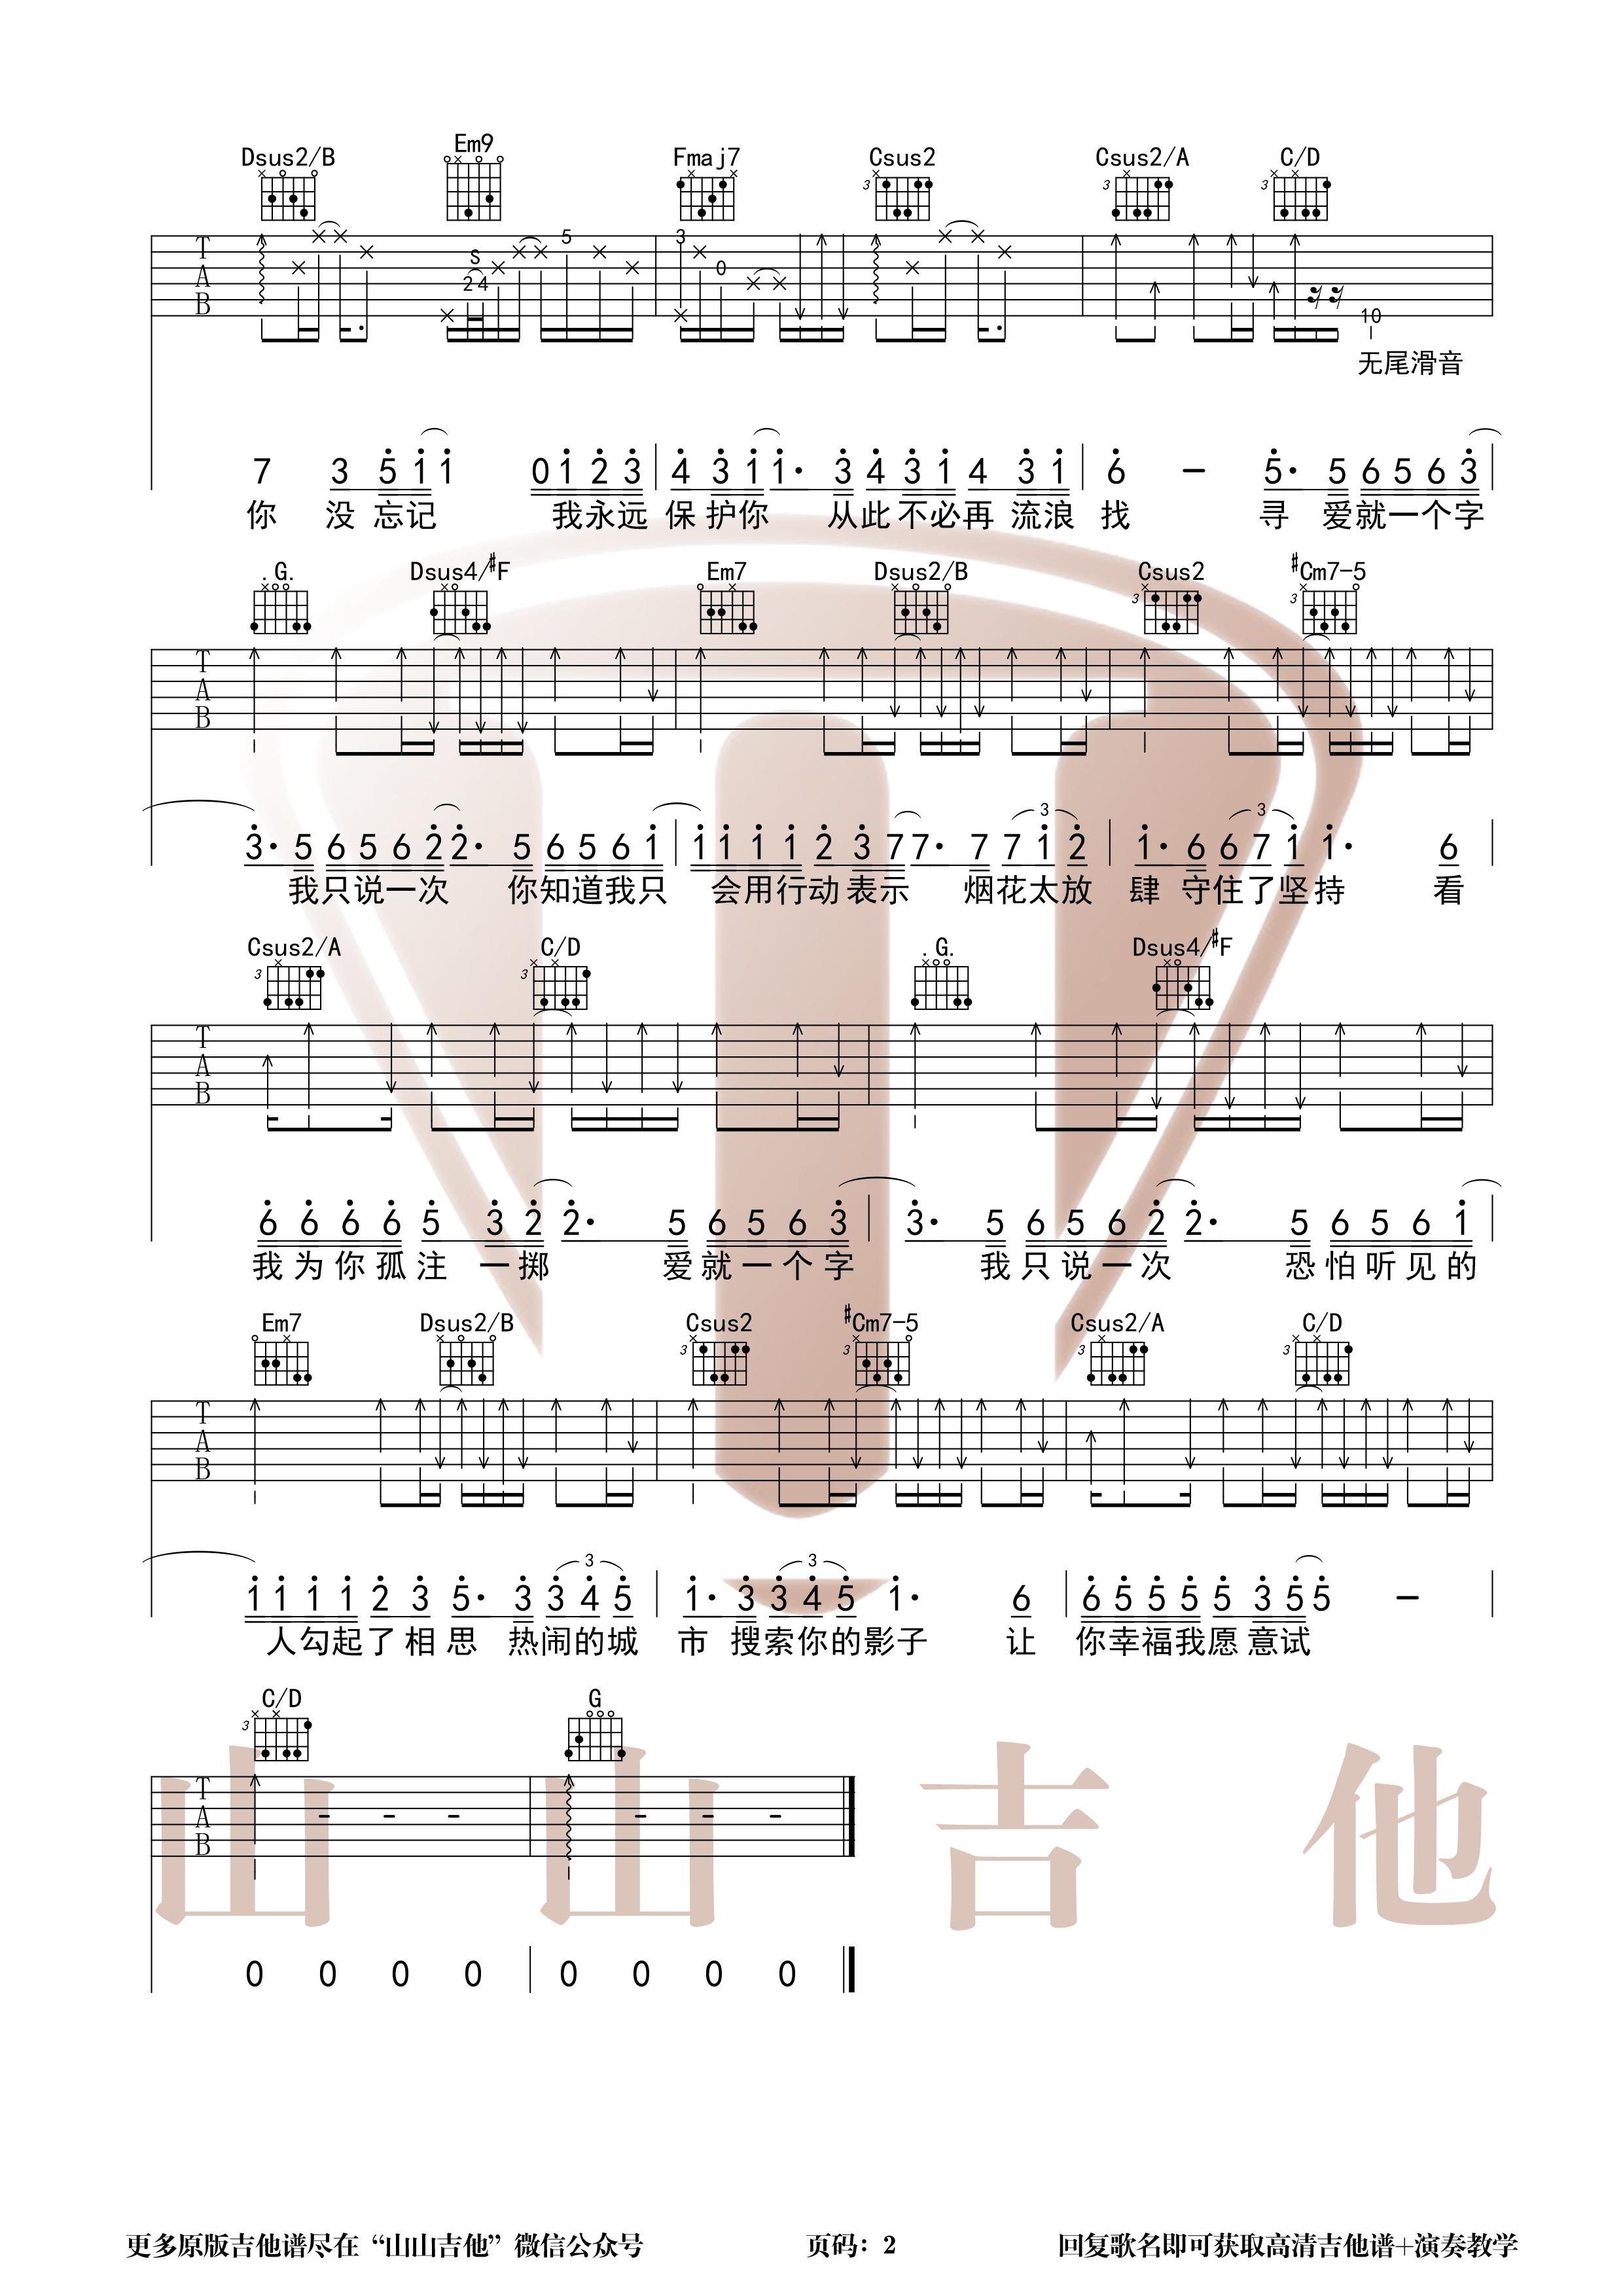 抖音李巍版本 - 爱就一个字(原版和弦编配 附简单版吉他谱)吉他谱(图片谱)_张信哲_爱就一个字2原版.png